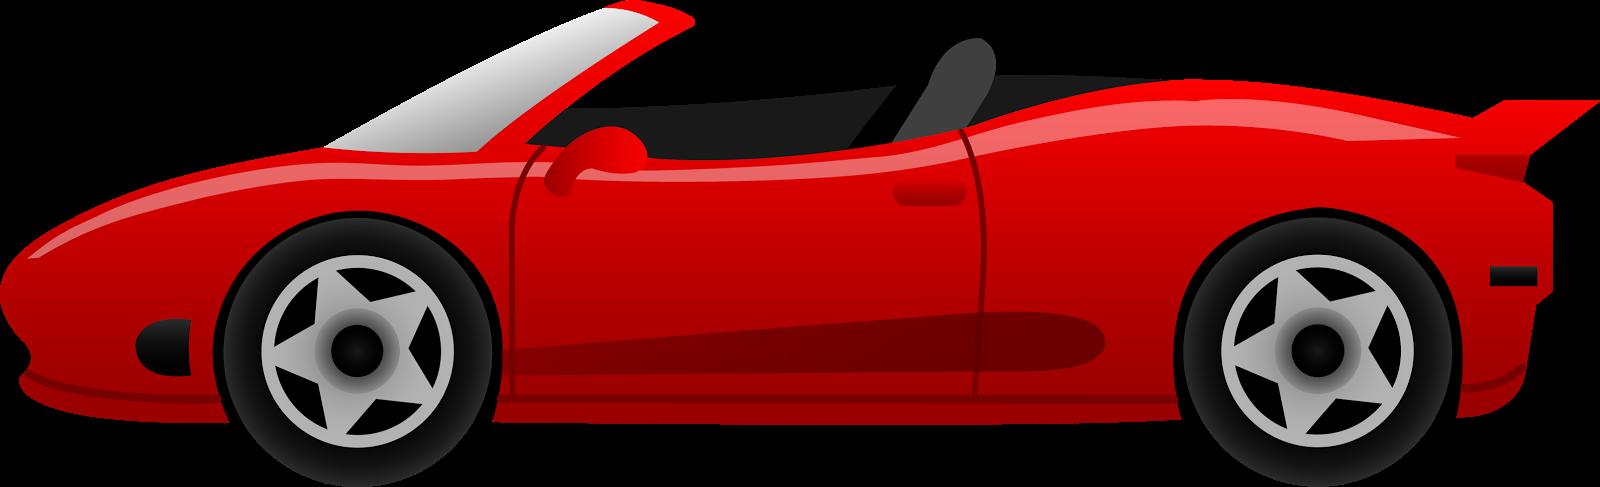 Clipart car - ClipartFest